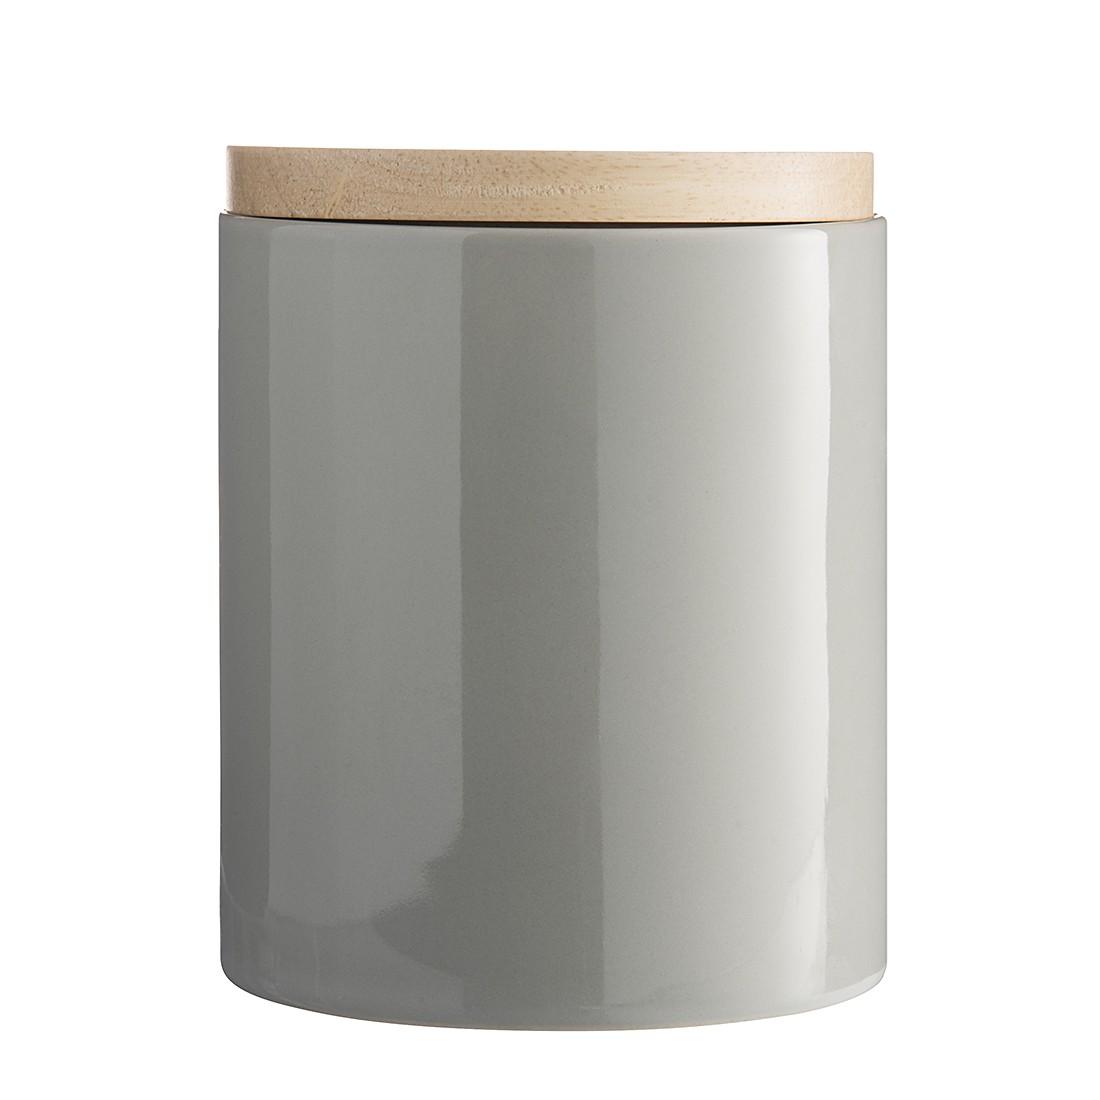 Küchendose II – Keramik Hochglanz Grau, Madam Stoltz online bestellen